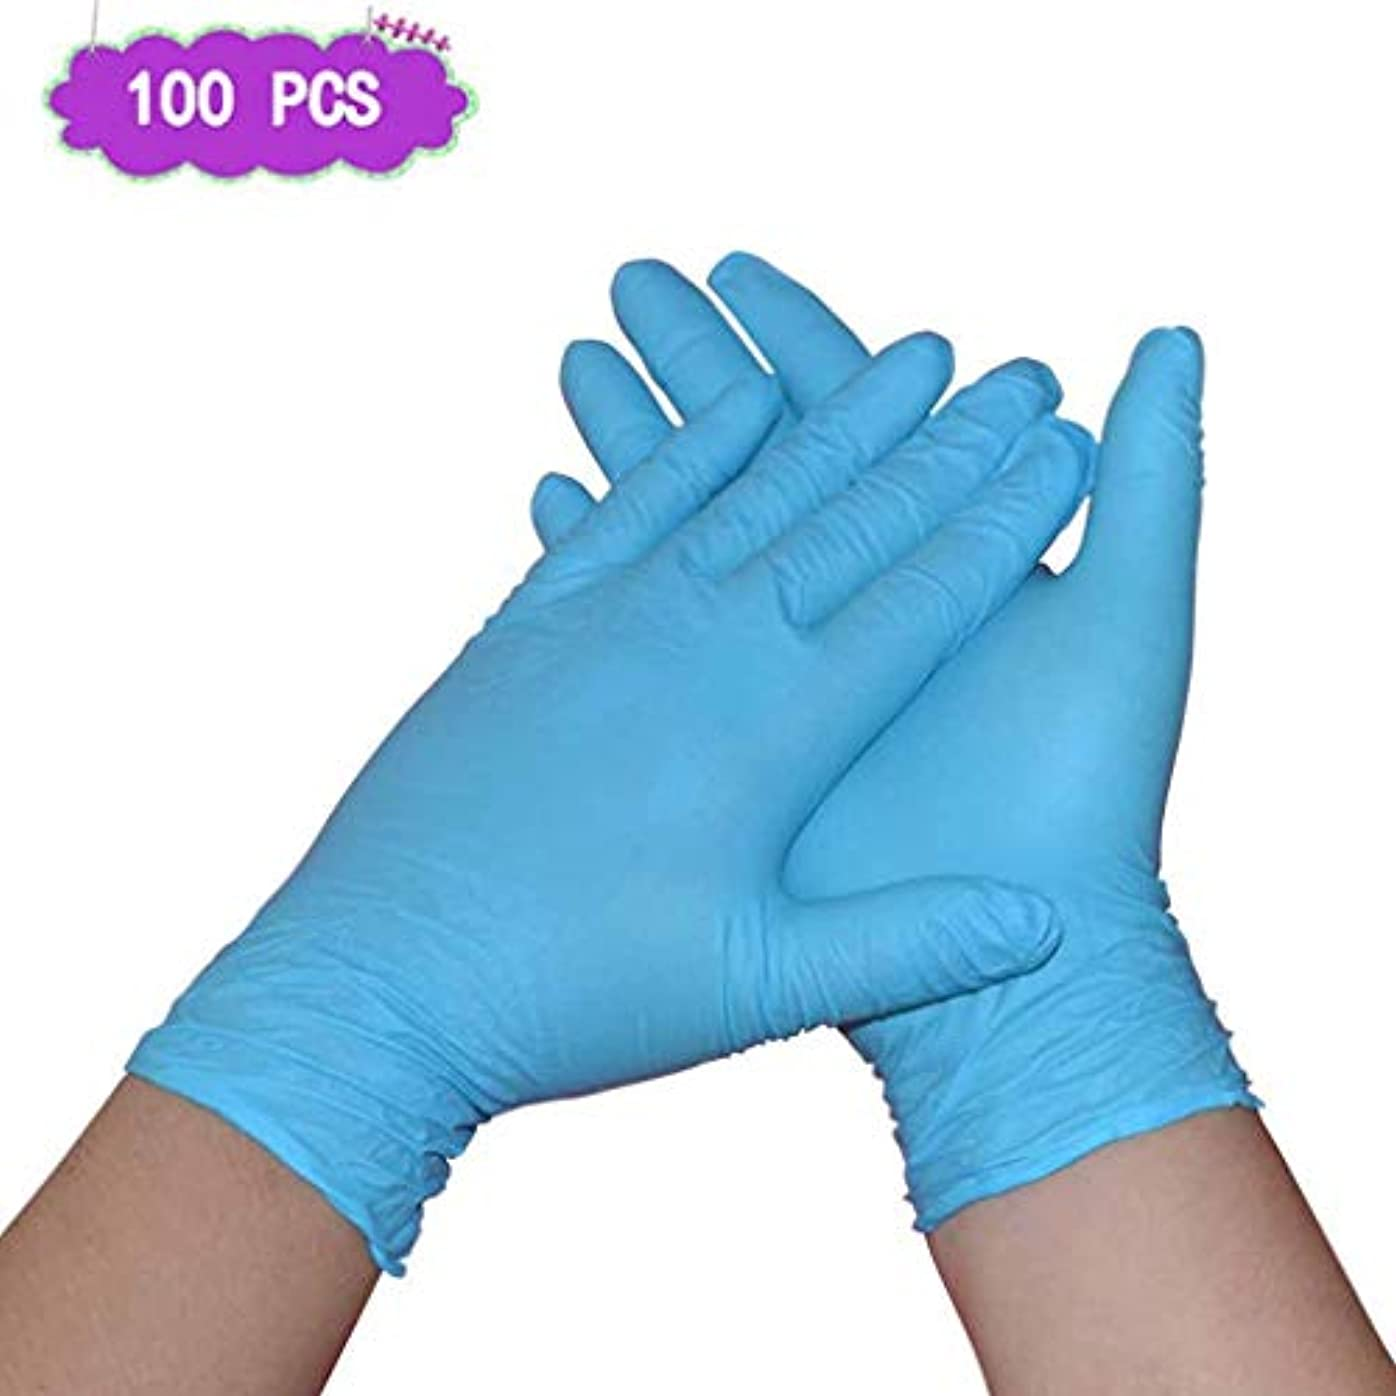 いらいらさせるヘクタール獣ニトリル手袋9インチ厚い青いラテックスゴム家事美防水酸とアルカリの義務試験手袋 病院、法執行機関向けのプロフェッショナルグレード (Size : L)